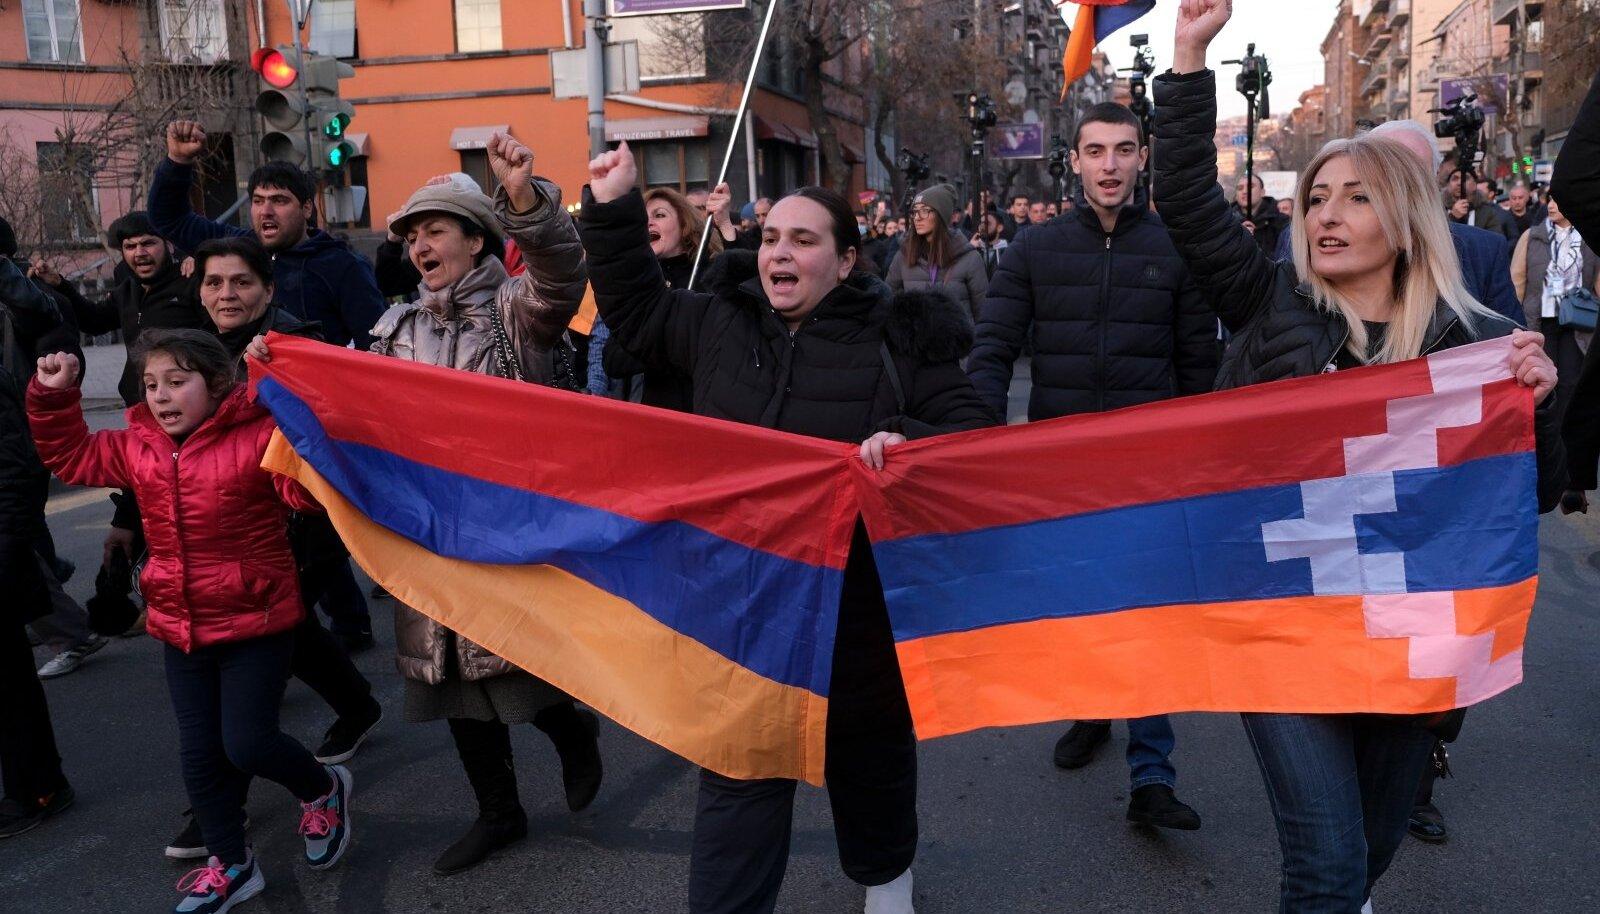 Armeenia peaministri Nikol Pašinjani vastased meeleavaldajad möödunud laupäeval pealinnas Jerevanis